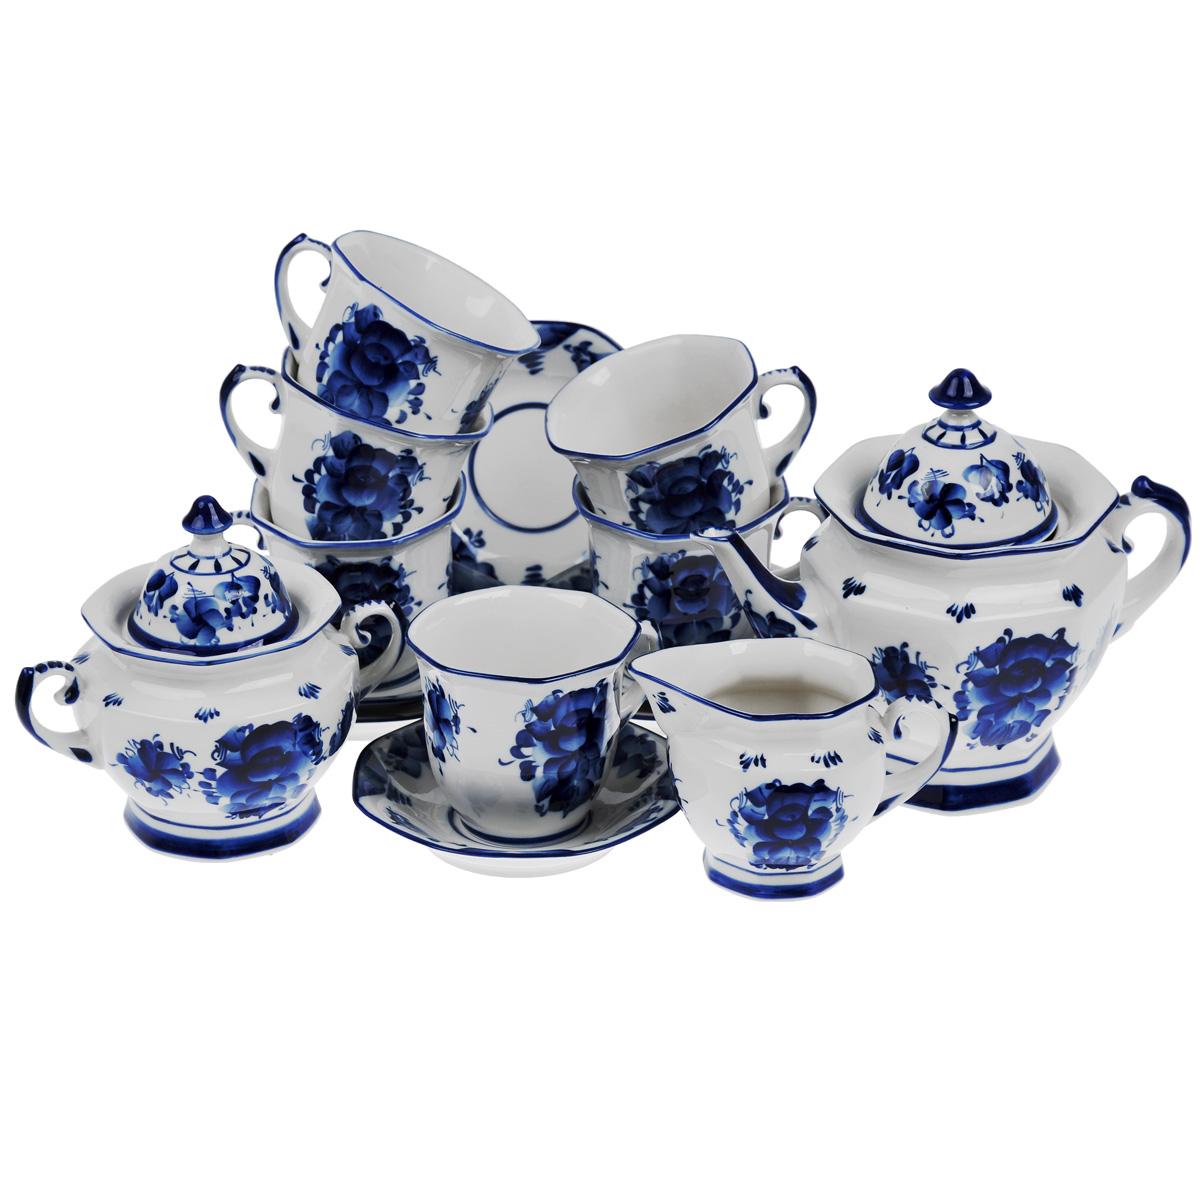 Сервиз чайный Граненый, цвет: белый, синий, 15 предметов115510Сервиз чайный Граненый выполнен из керамики и состоит из шести чашек, шести блюдец, чайника, молочника и сахарницы. Предметы набора оформлены росписью в технике гжель.Изящный дизайн придется по вкусу и ценителям классики, и тем, кто предпочитает утонченность и изысканность. Он настроит на позитивный лад и подарит хорошее настроение с самого утра.Оригинальный дизайн сервиза позволит украсить любую кухню, внеся разнообразие как в строгий классический стиль, так и в современный кухонный интерьер.Количество чашек: 6 шт. Диаметр чашек по верхнему краю: 10 см.Высота чашек: 9 см.Объем чашек: 300 мл. Количество блюдец: 6 шт.Диаметр блюдец: 14,5 см.Высота блюдец: 3 см.Высота сахарницы (с учетом крышки): 17,5 см.Диаметр сахарницы по верхнему краю: 11 см. Высота чайника (с учетом крышки): 21 см.Диаметр чайника по верхнему краю: 12,5 см. Объем чайника: 900 мл. Высота молочника (с учетом носика): 9,5 см. Объем молочника: 300 мл. Диаметр дна молочника: 6 см.